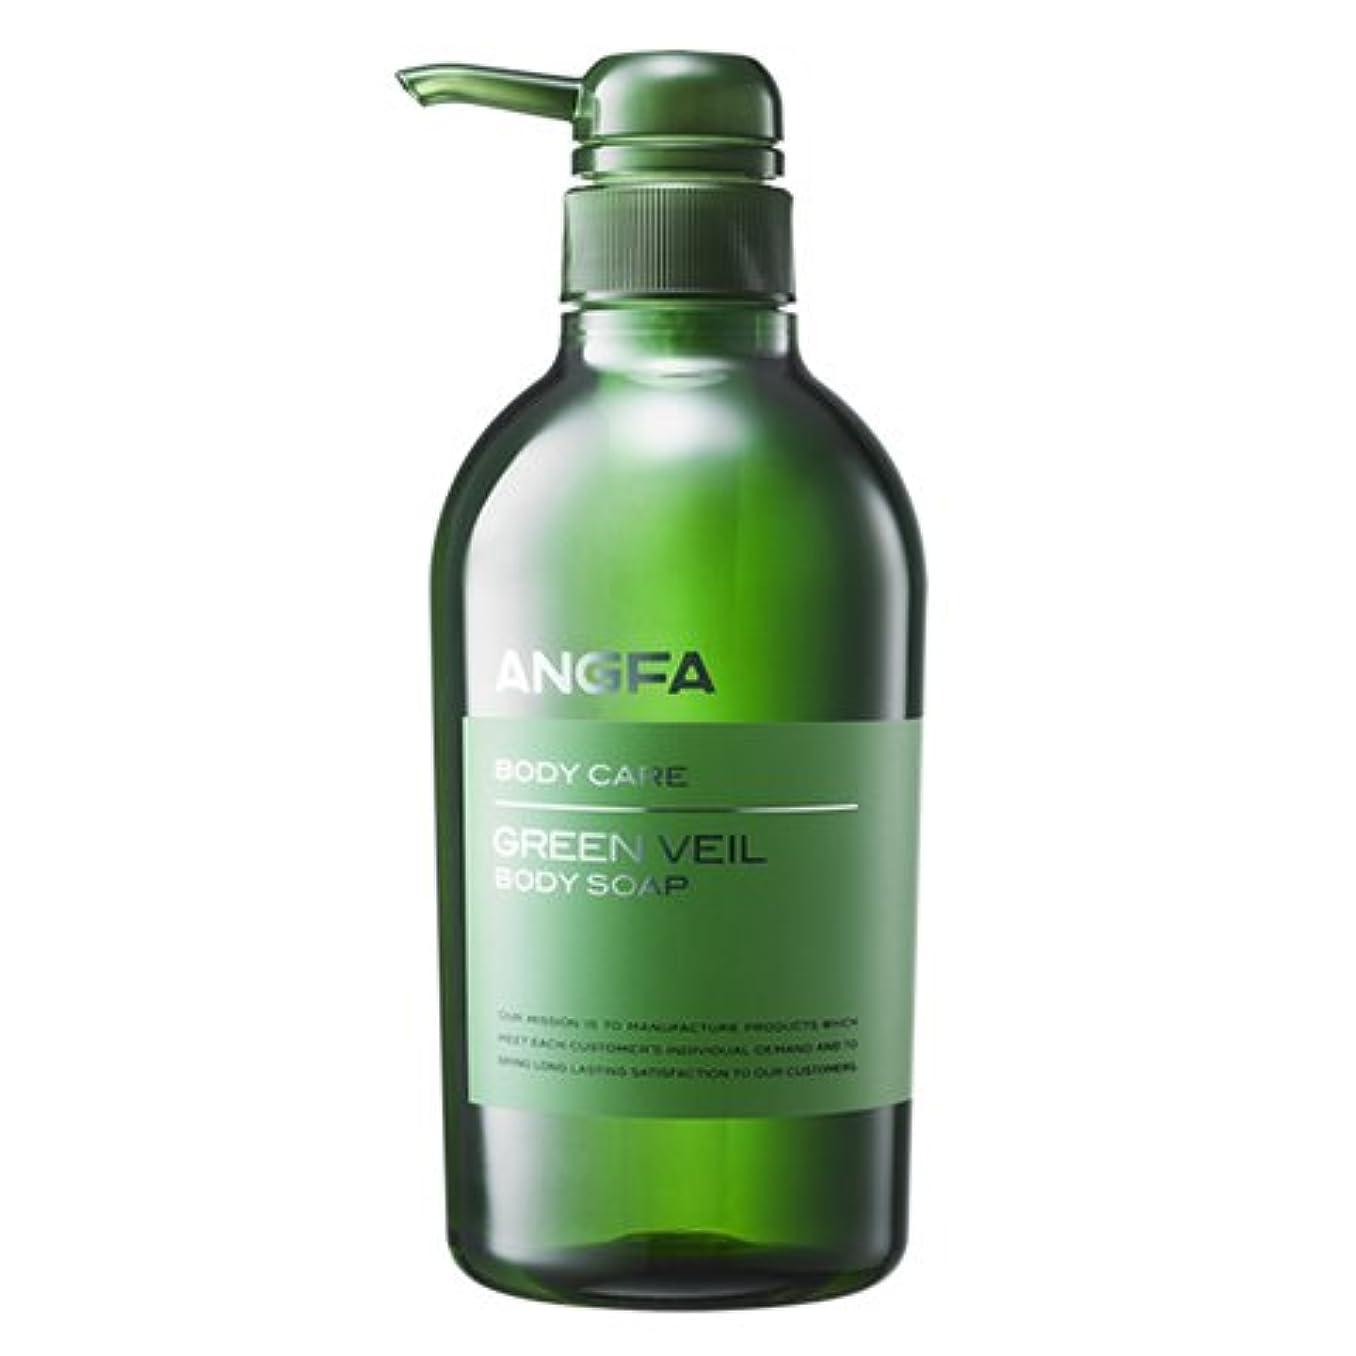 病院可能内部アンファー (ANGFA) グリーンベール 薬用ボディソープ 500ml グリーンフローラル [乾燥?保湿] かゆみ肌